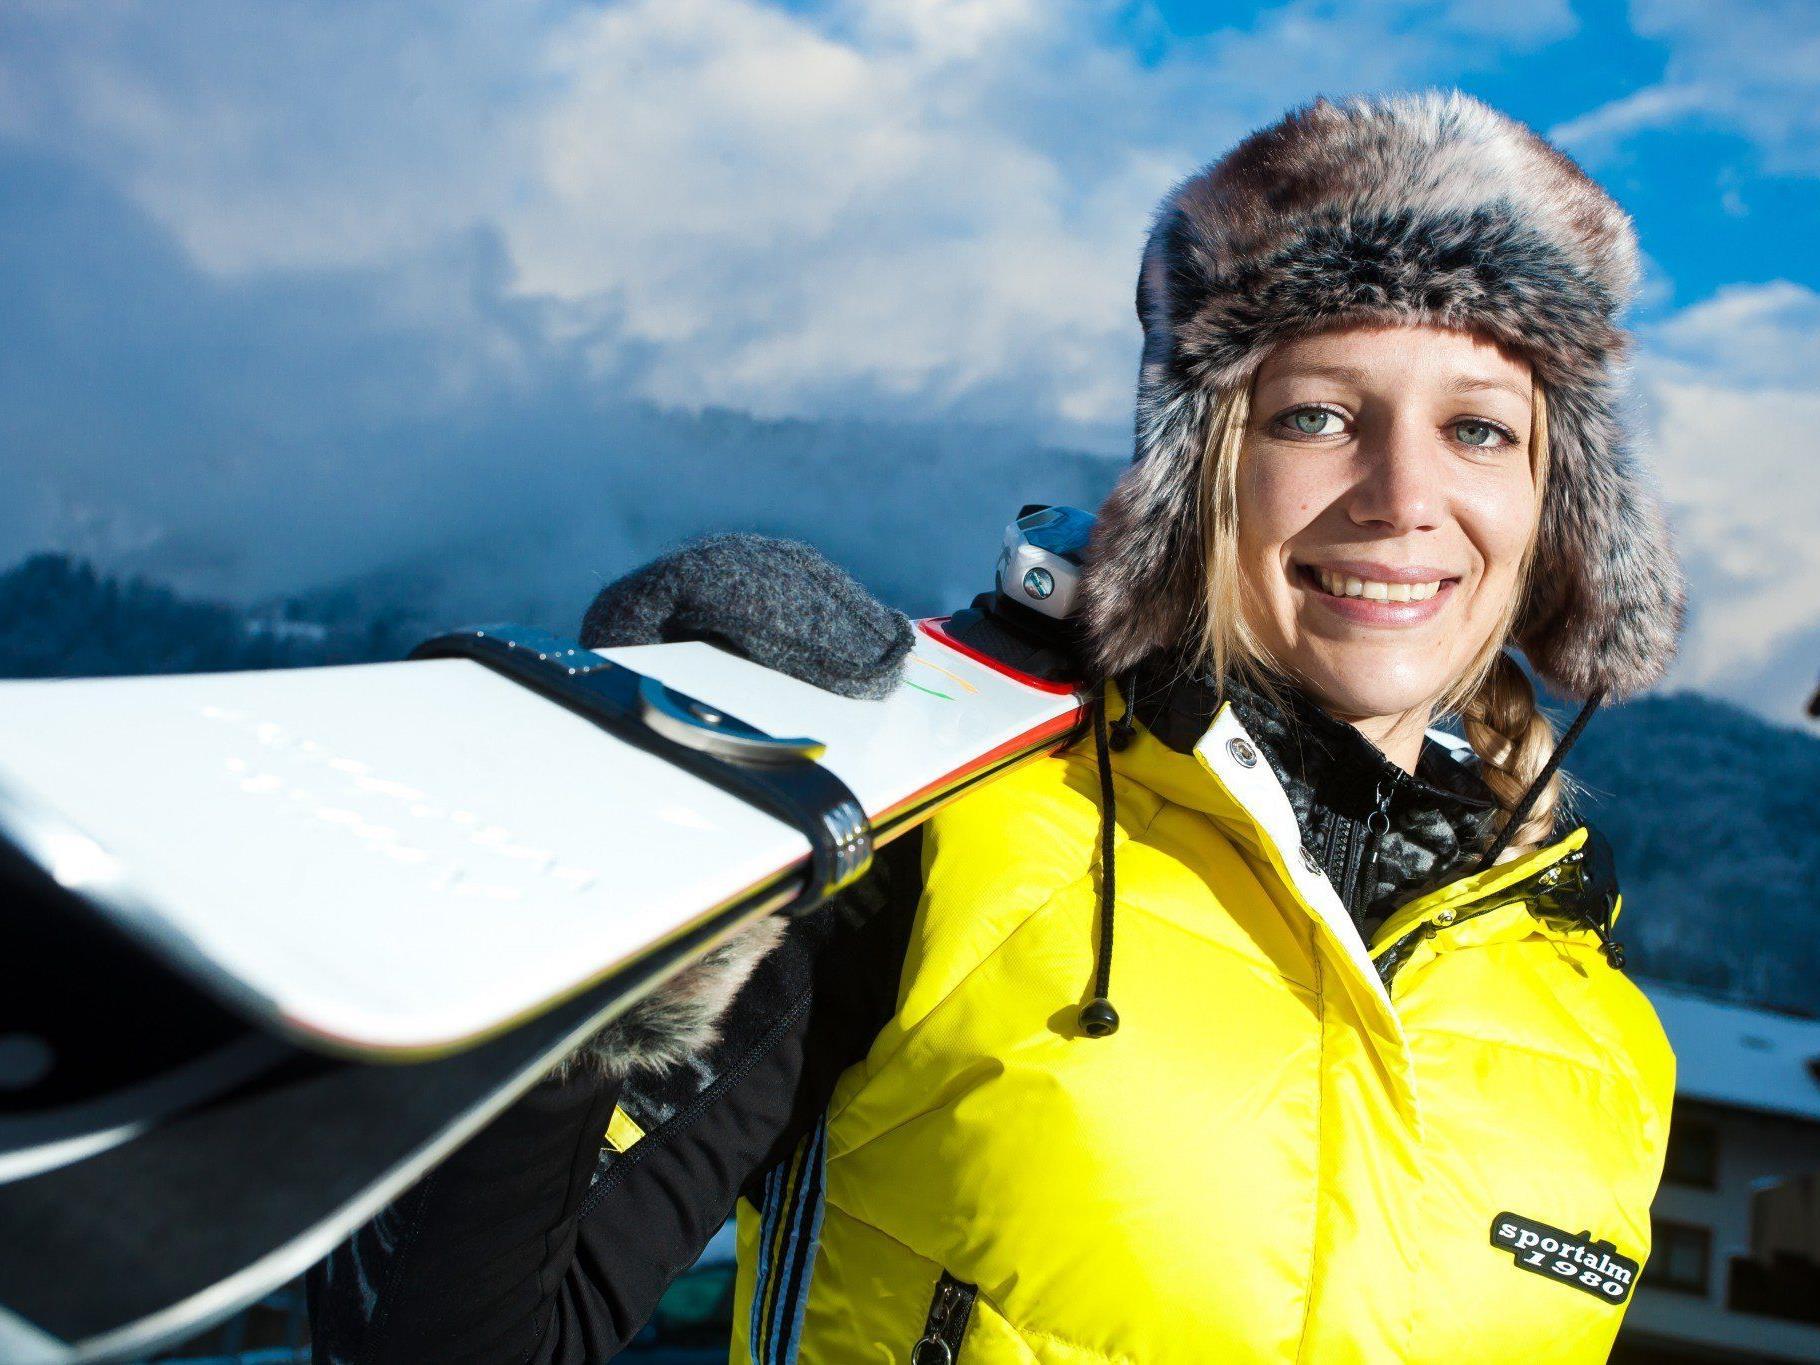 Vorarlbergs Seilbahnen vertrauen auf eine hohe Kundenzufriedenheit